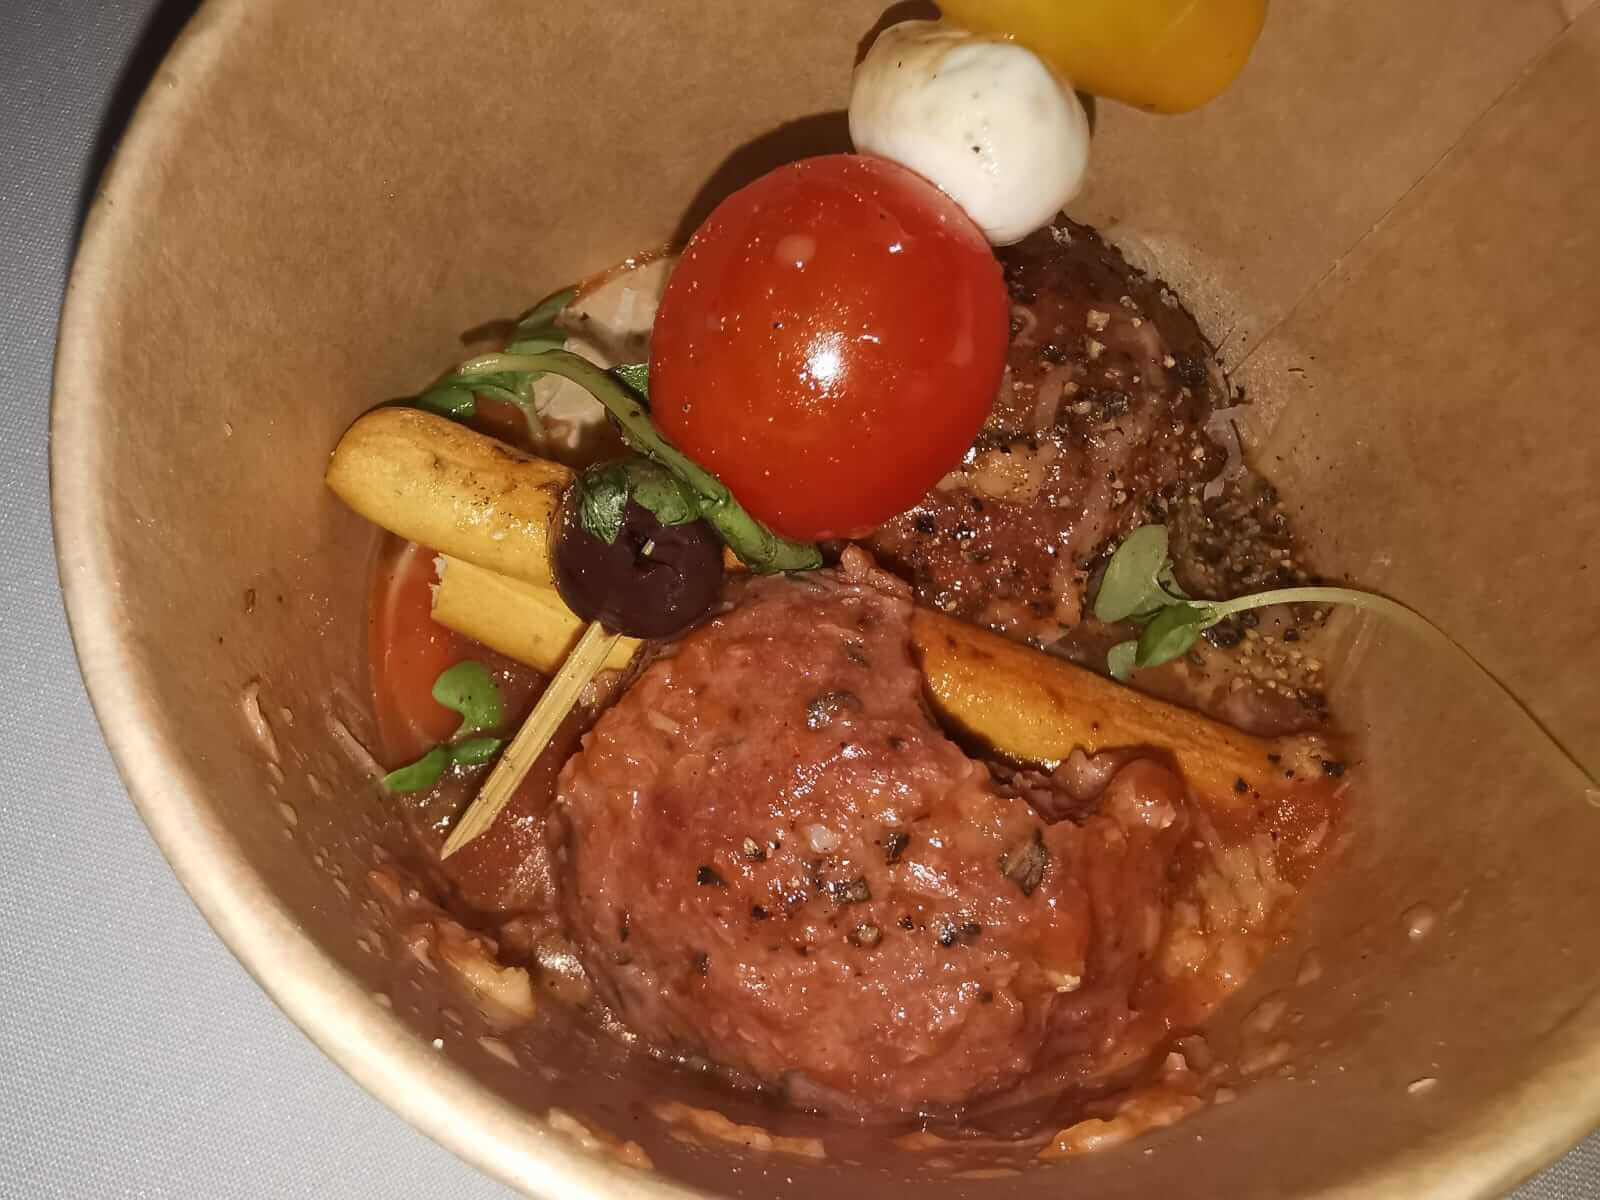 כדורי בשר חדש של REDEFINE MEAT